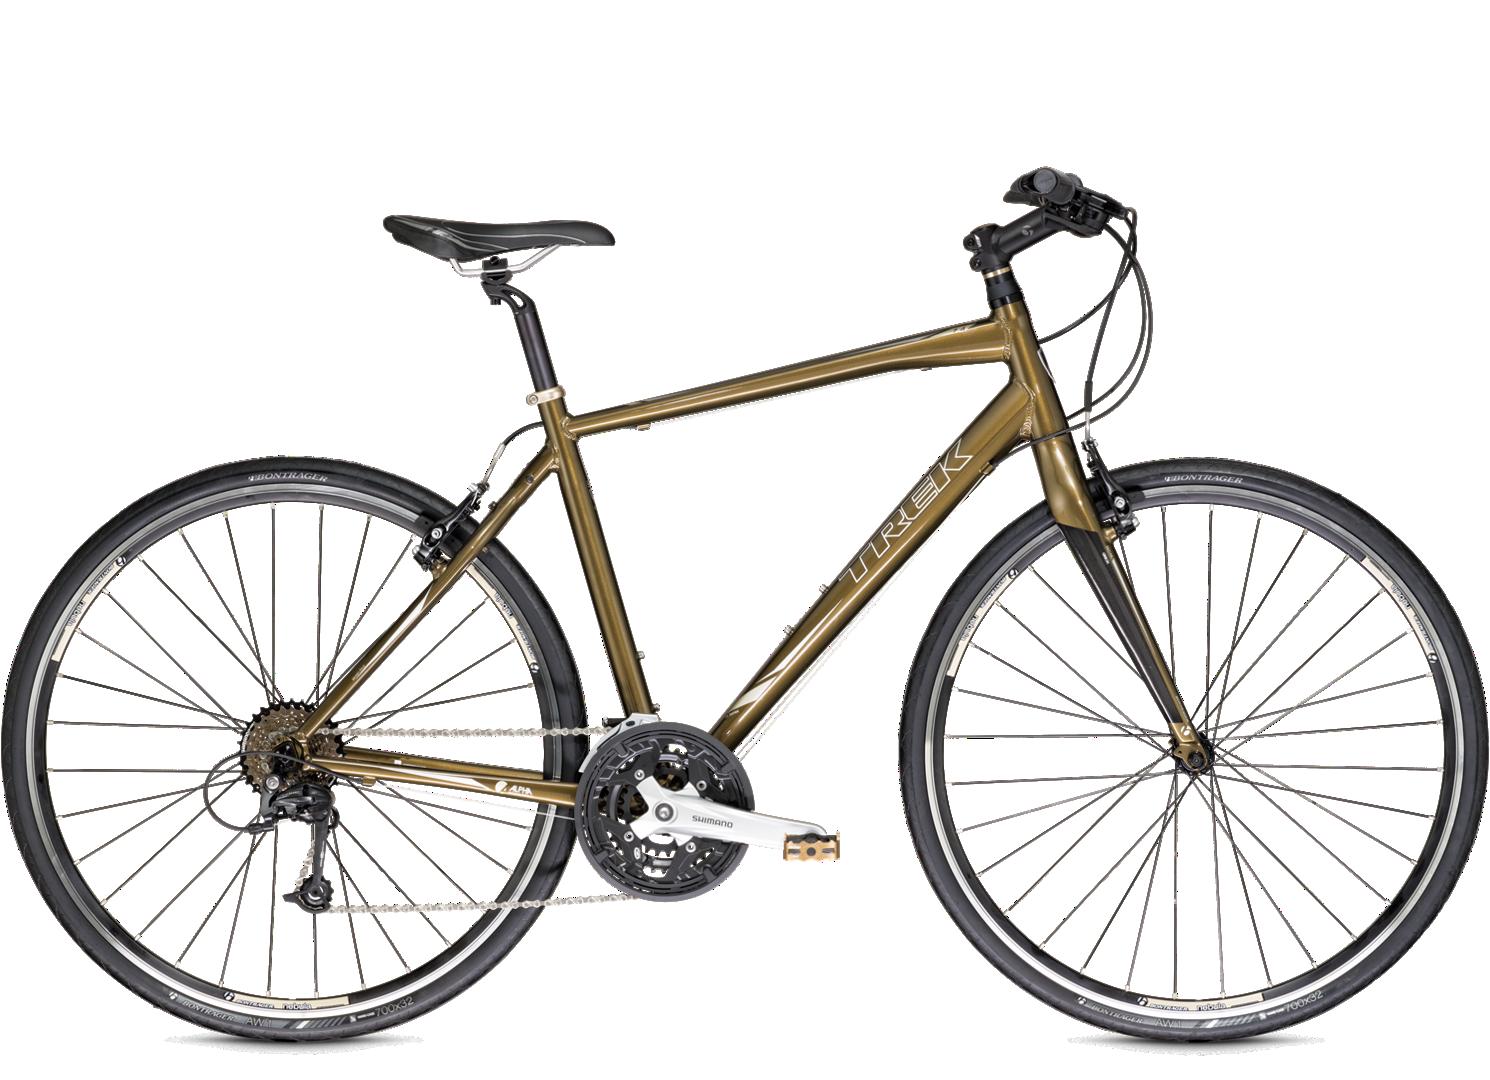 7.4 FX - Trek Bicycle